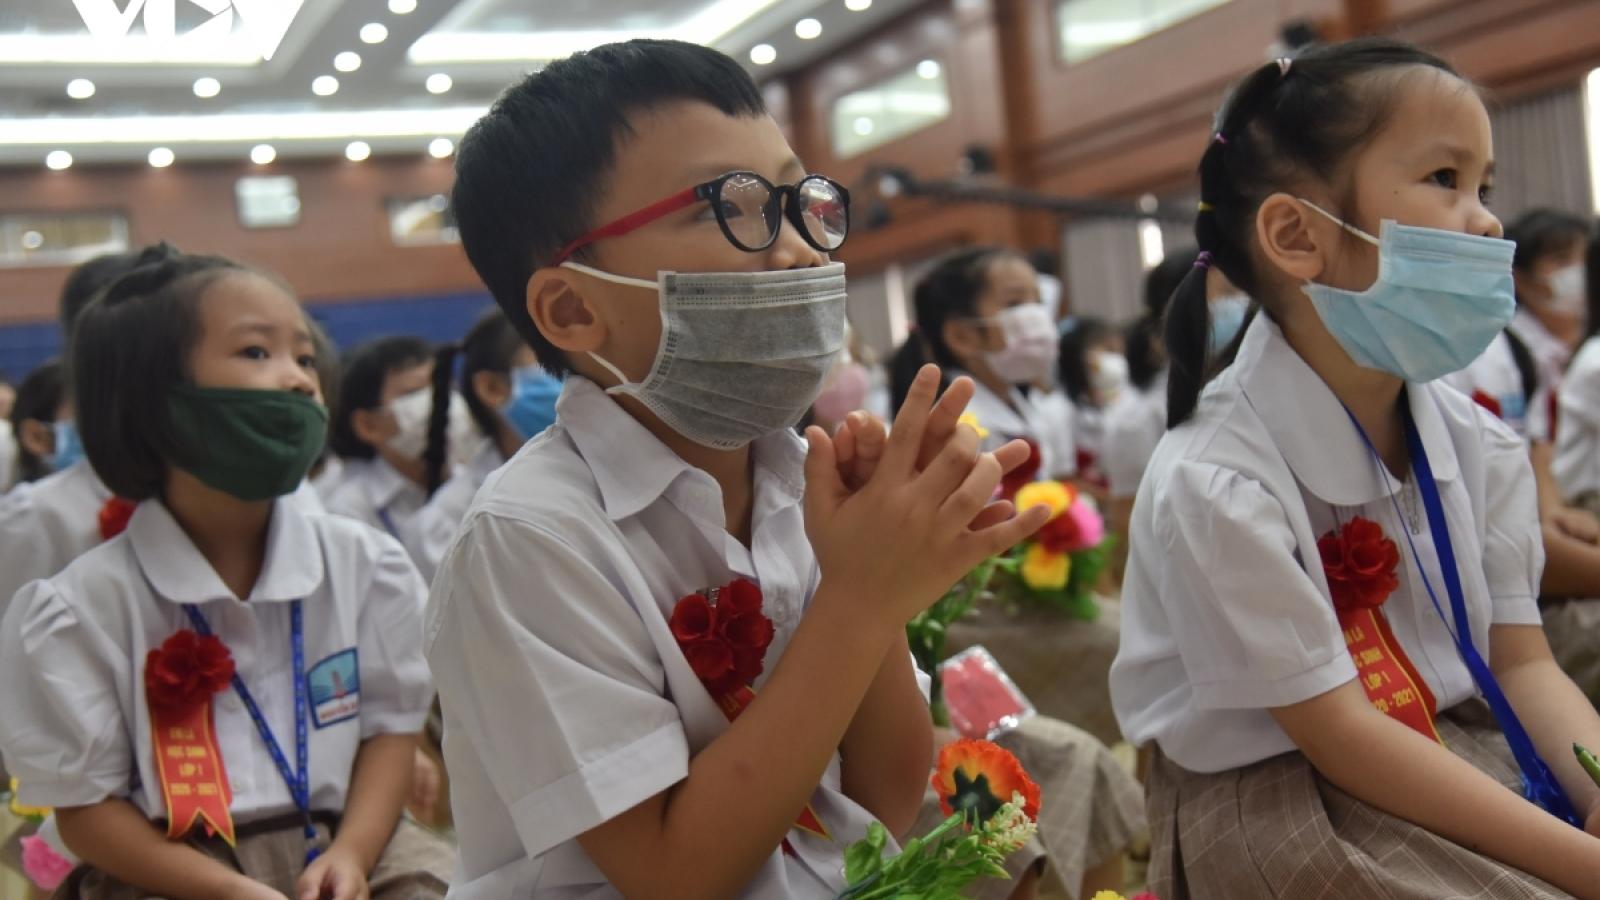 Hà Nội chưa quyết định thời gian cụ thể cho học sinh trở lại trường